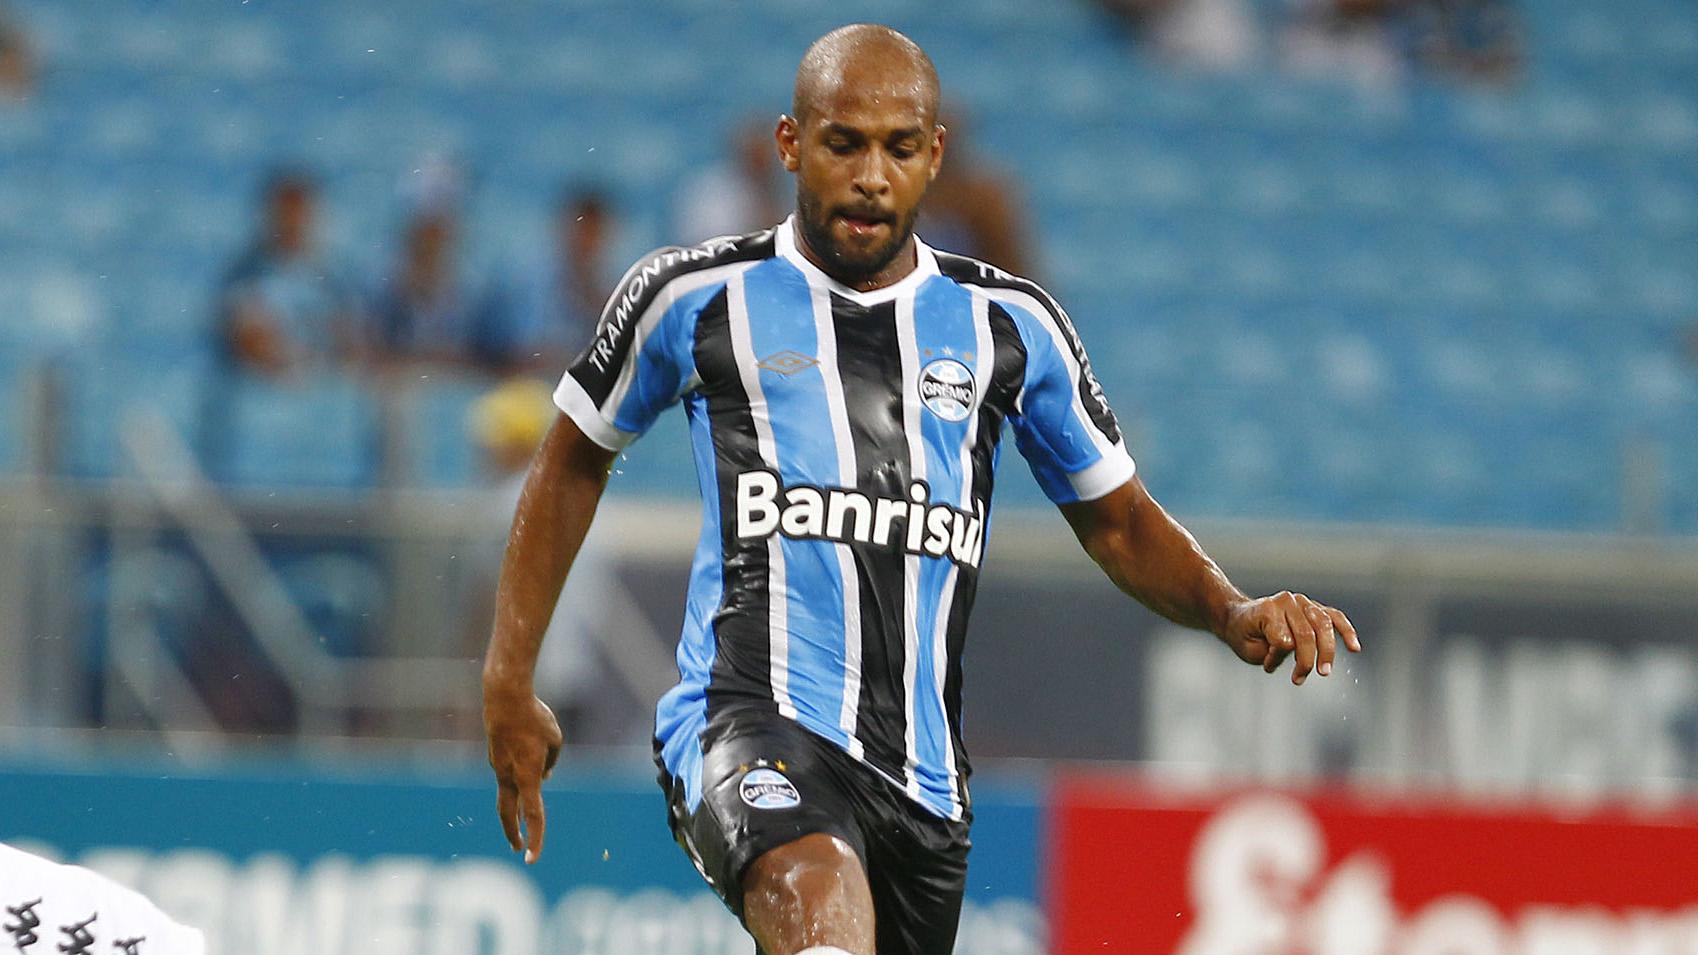 Corinthians negocia a contratação do volante Fellipe Bastos — Mercado da bola